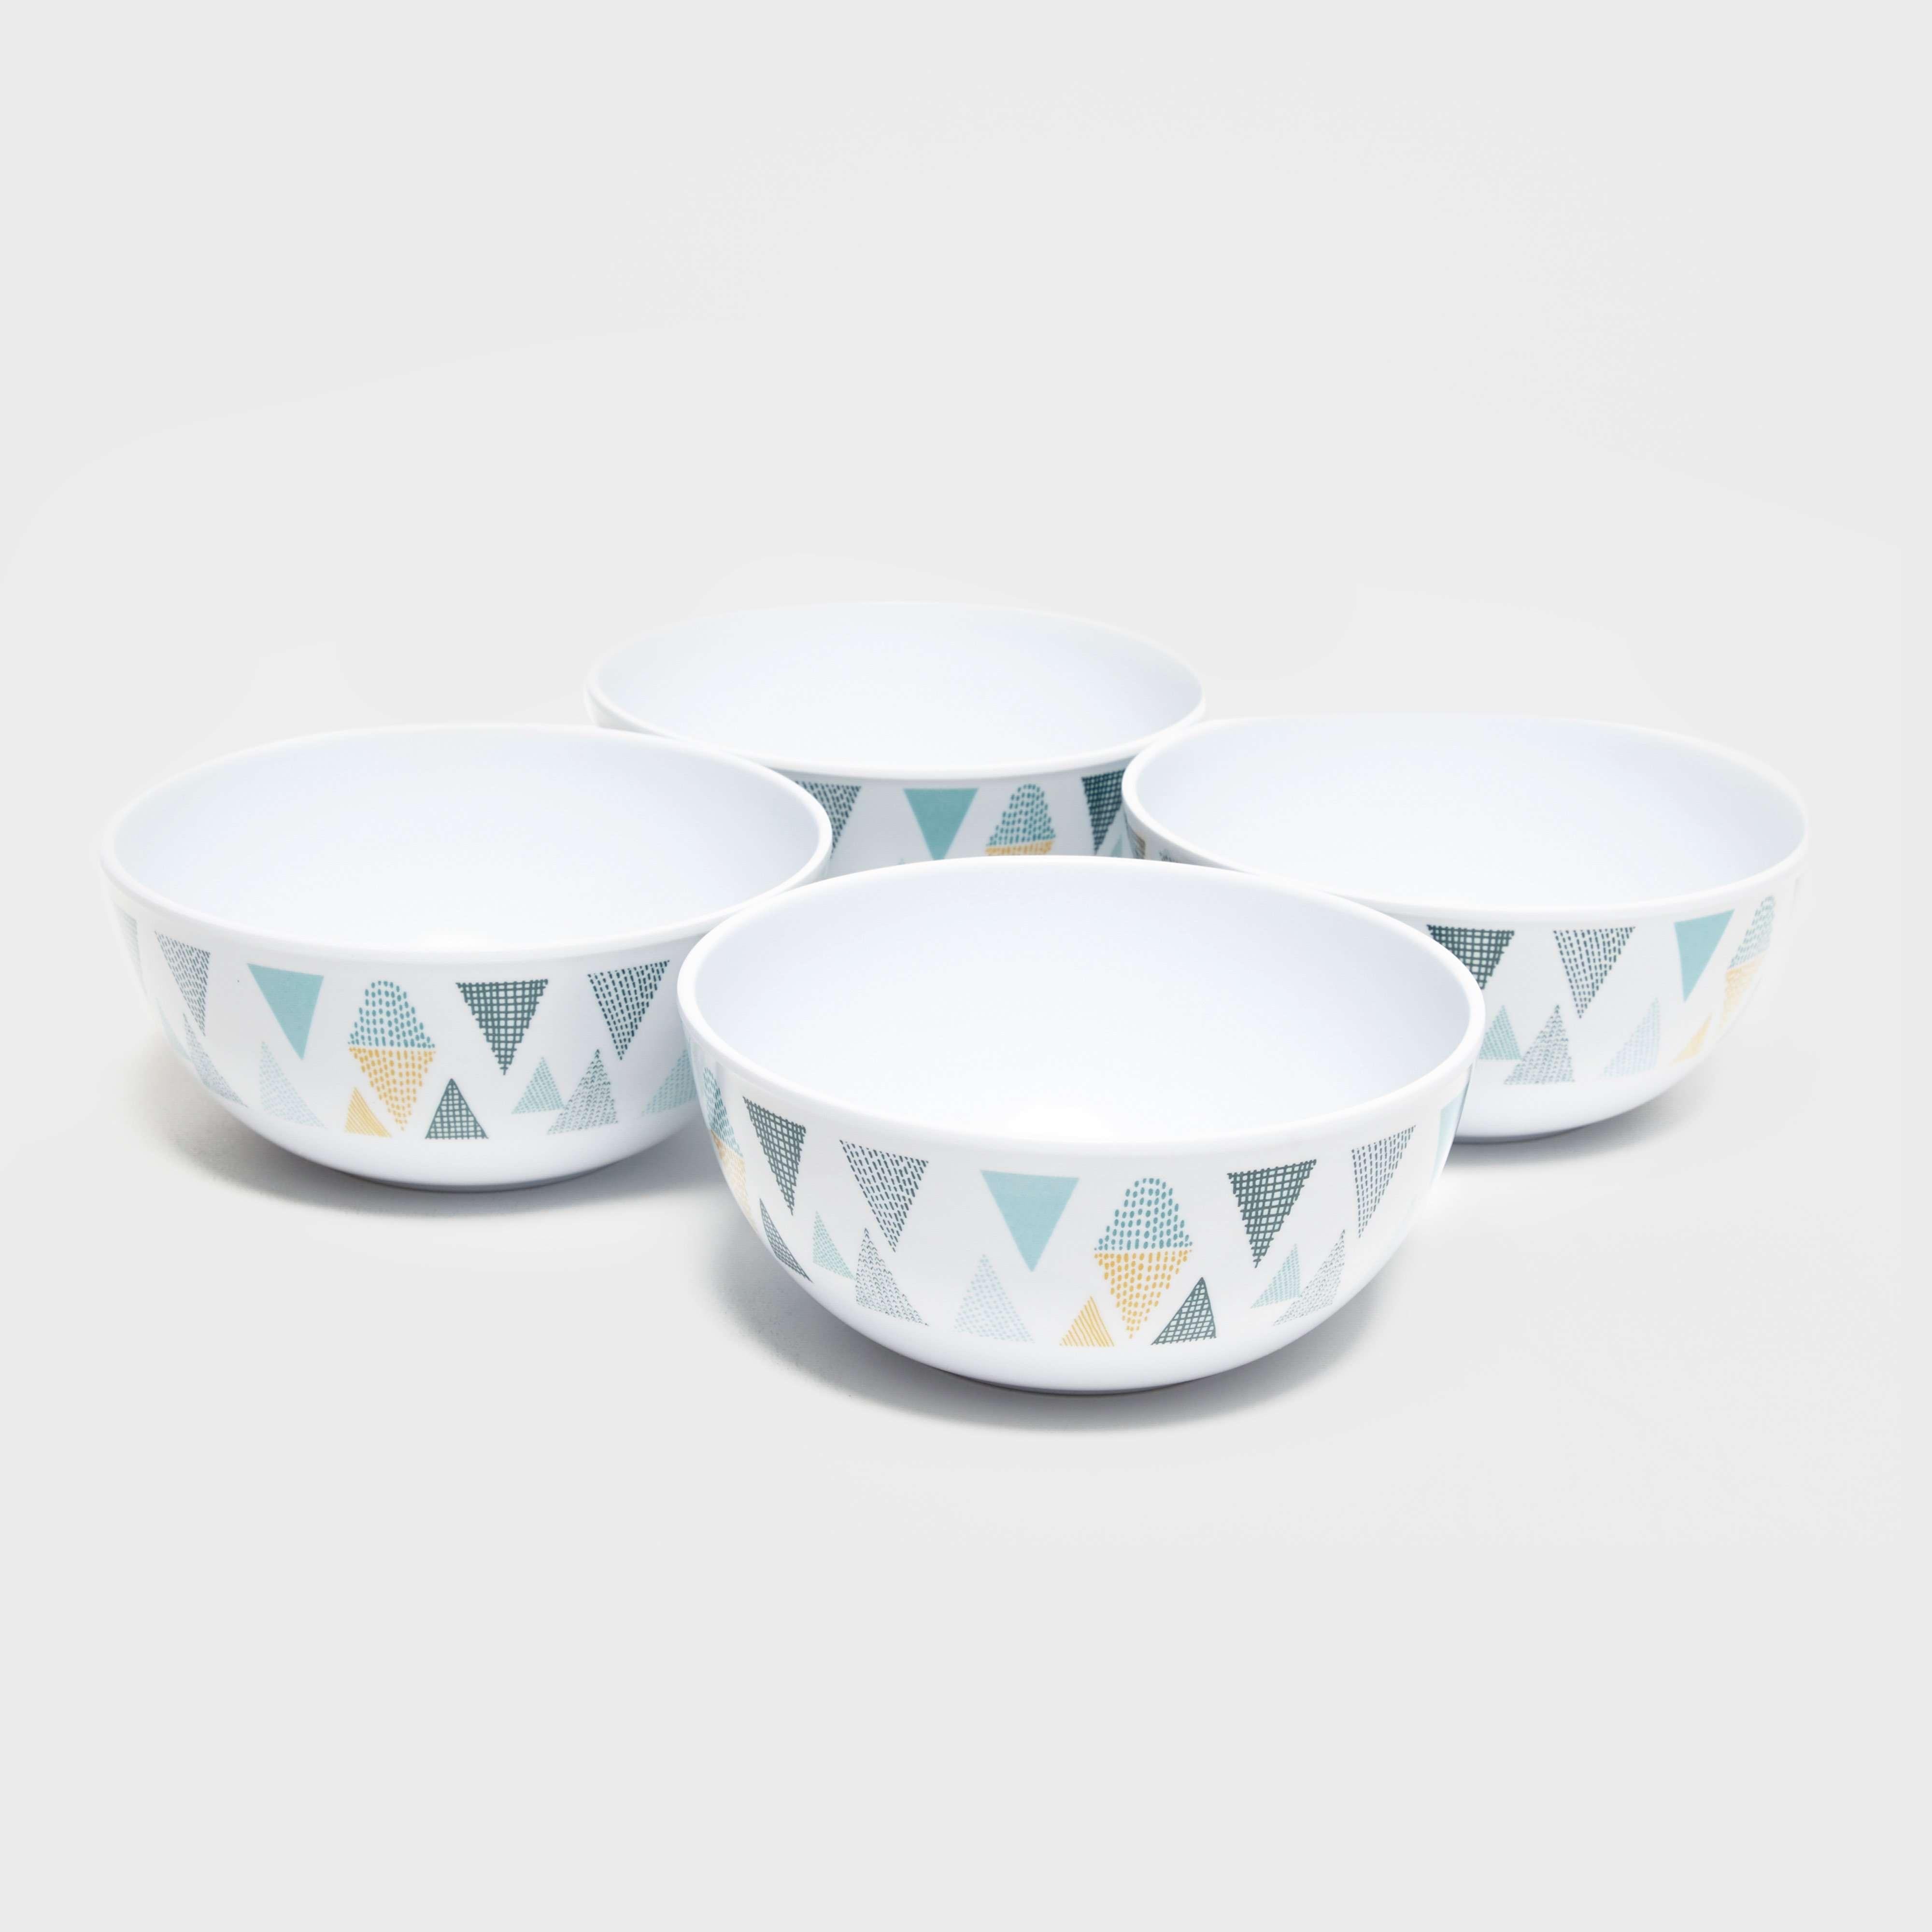 EUROHIKE Gio Triangle Bowls 4-Pack